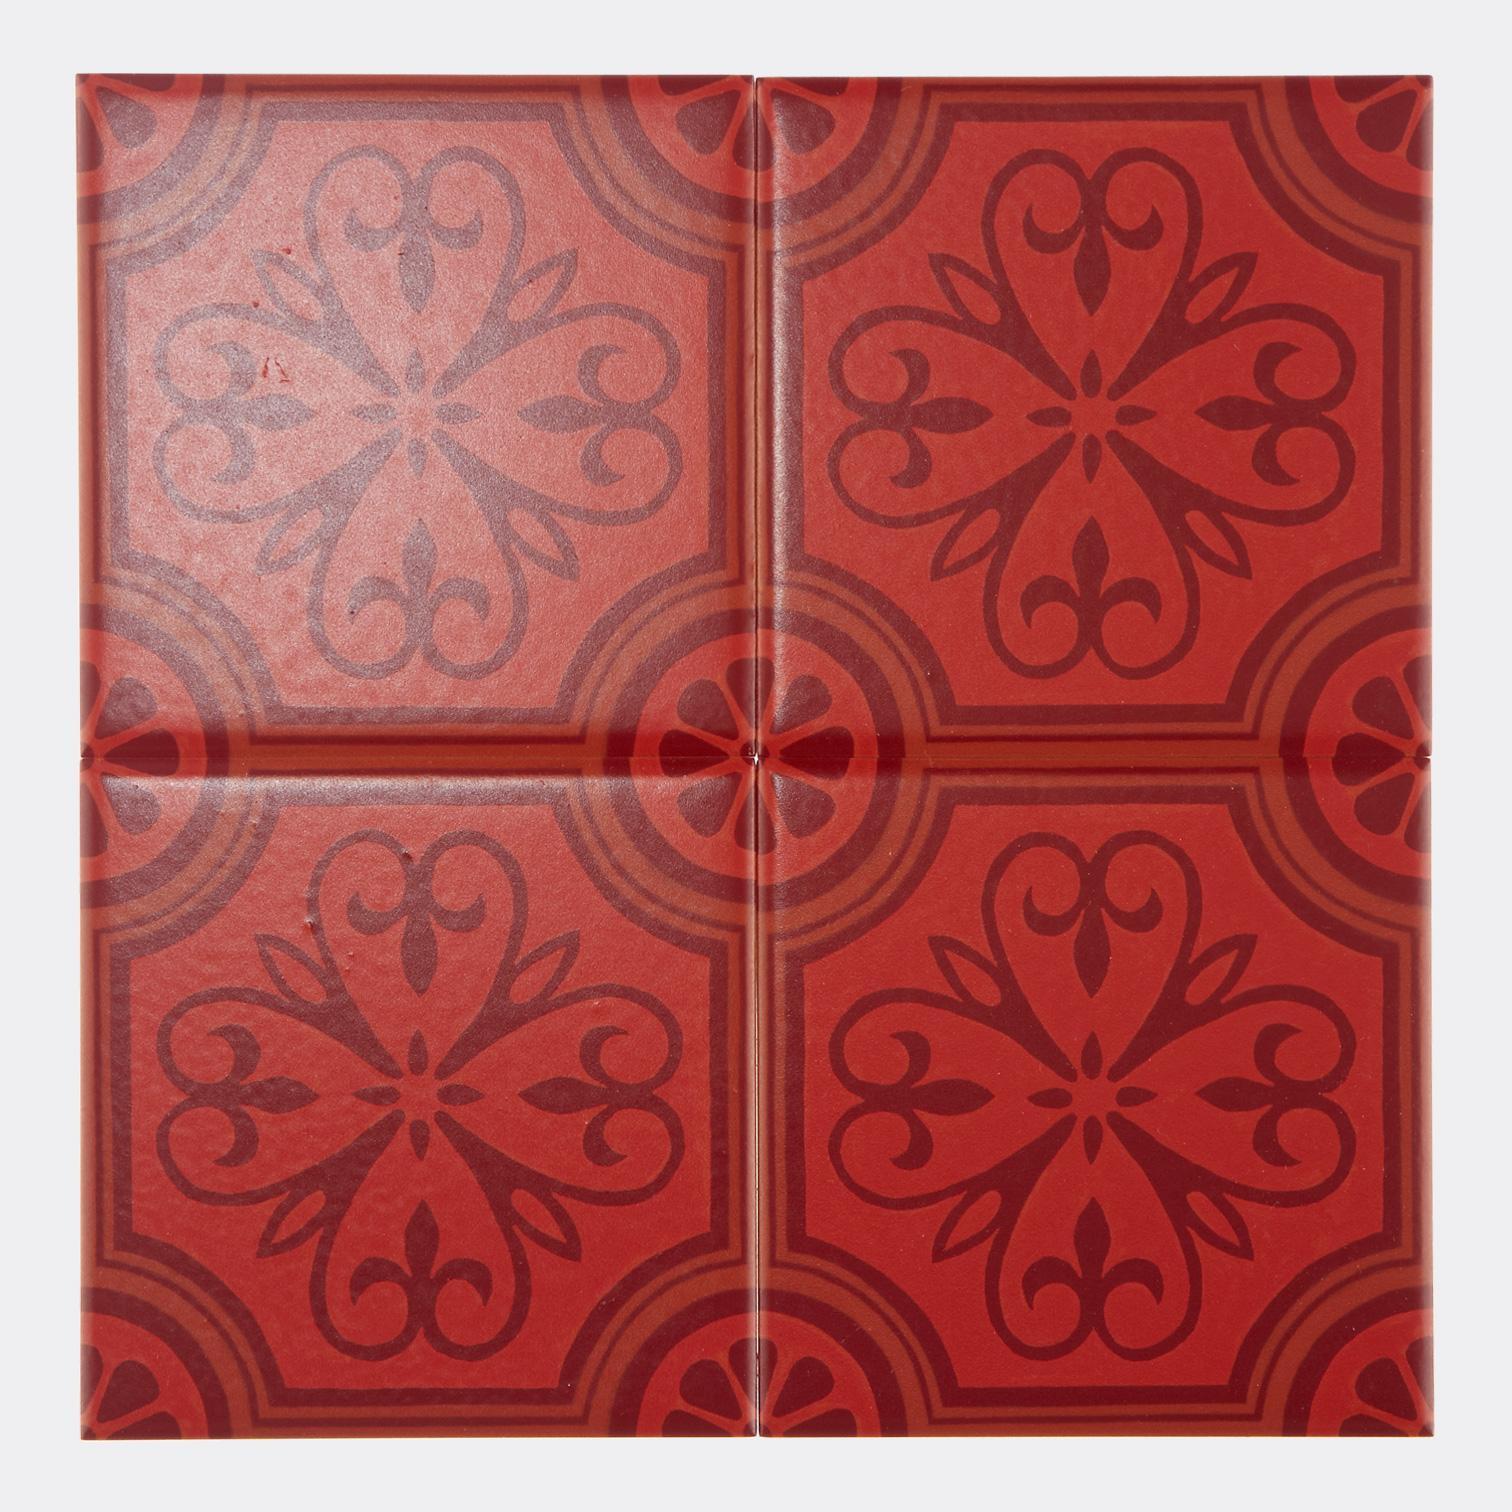 西洋のデコラティブな柄をプリントしたタイル。 カラーは発色の良い赤を基調にした配色です。 室内のアクセントとして、様々なシーンでご使用いただけます。